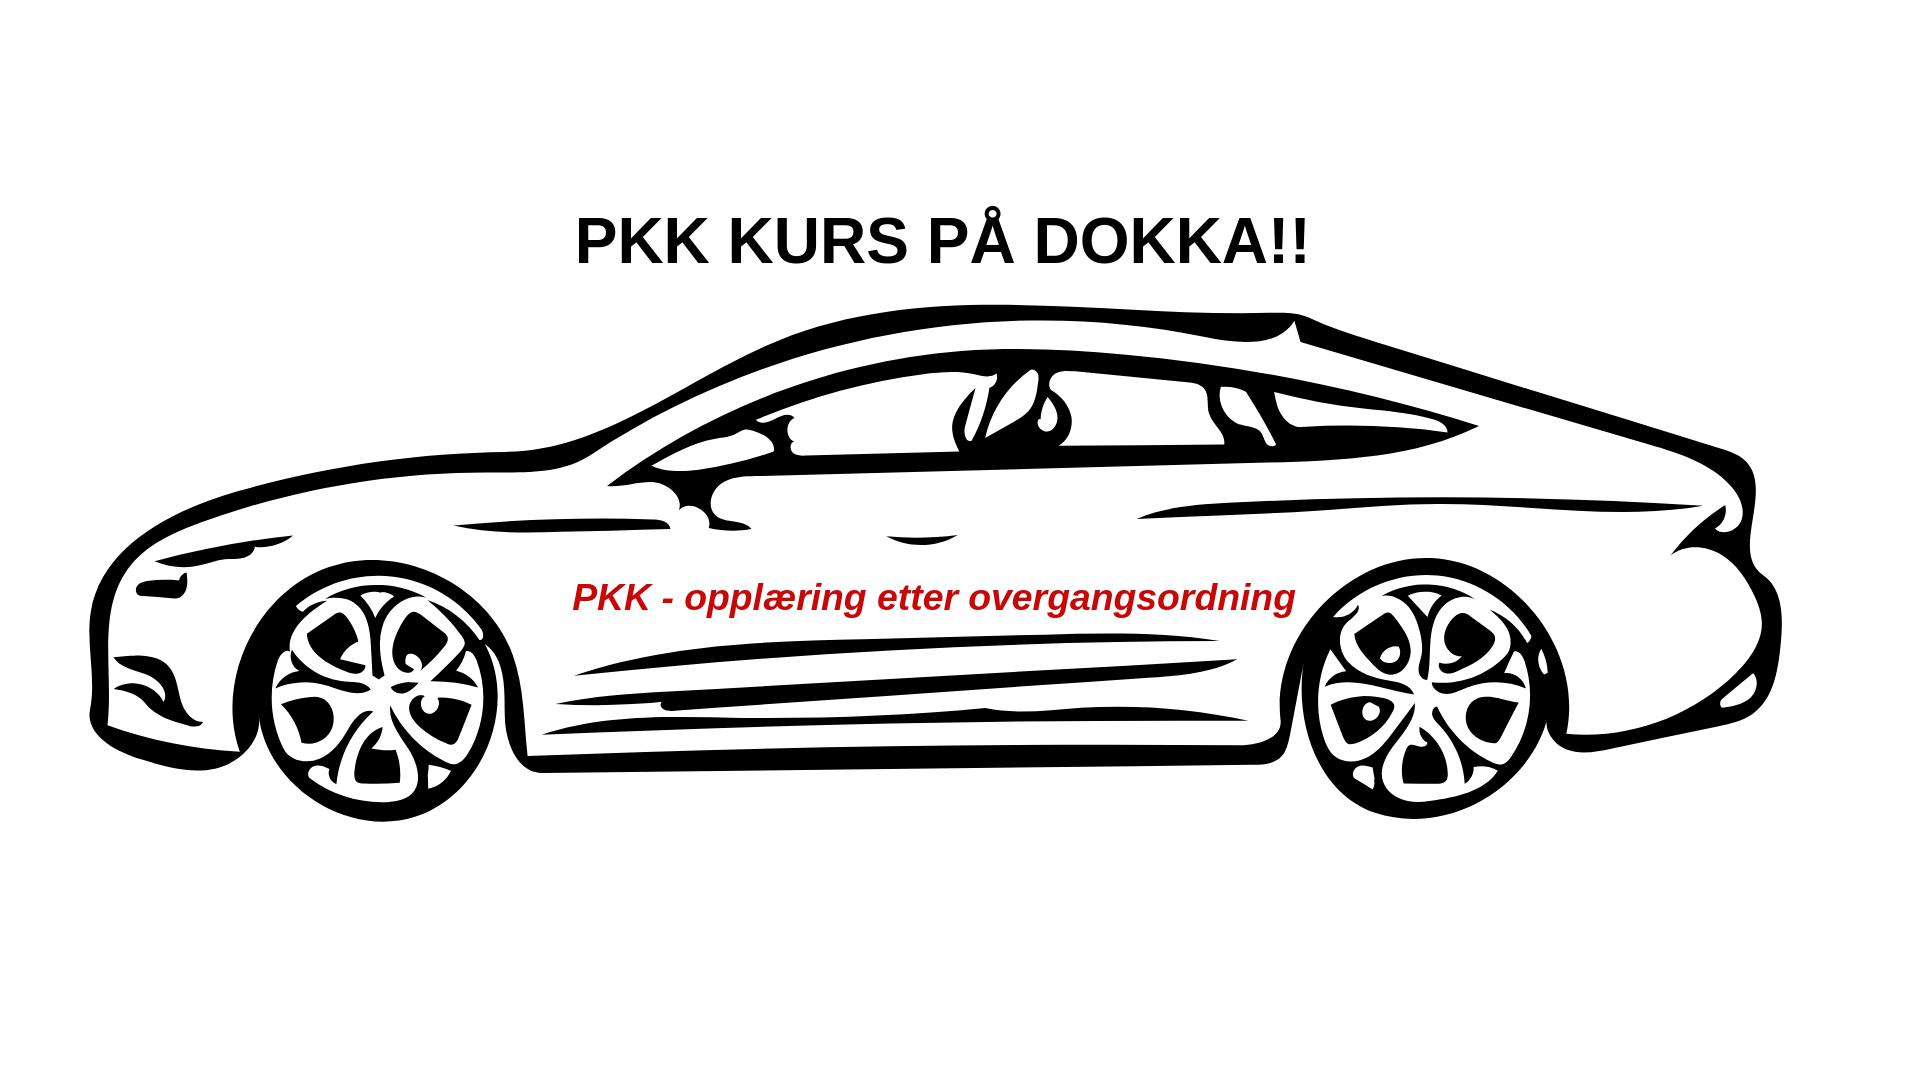 PKK-kurs